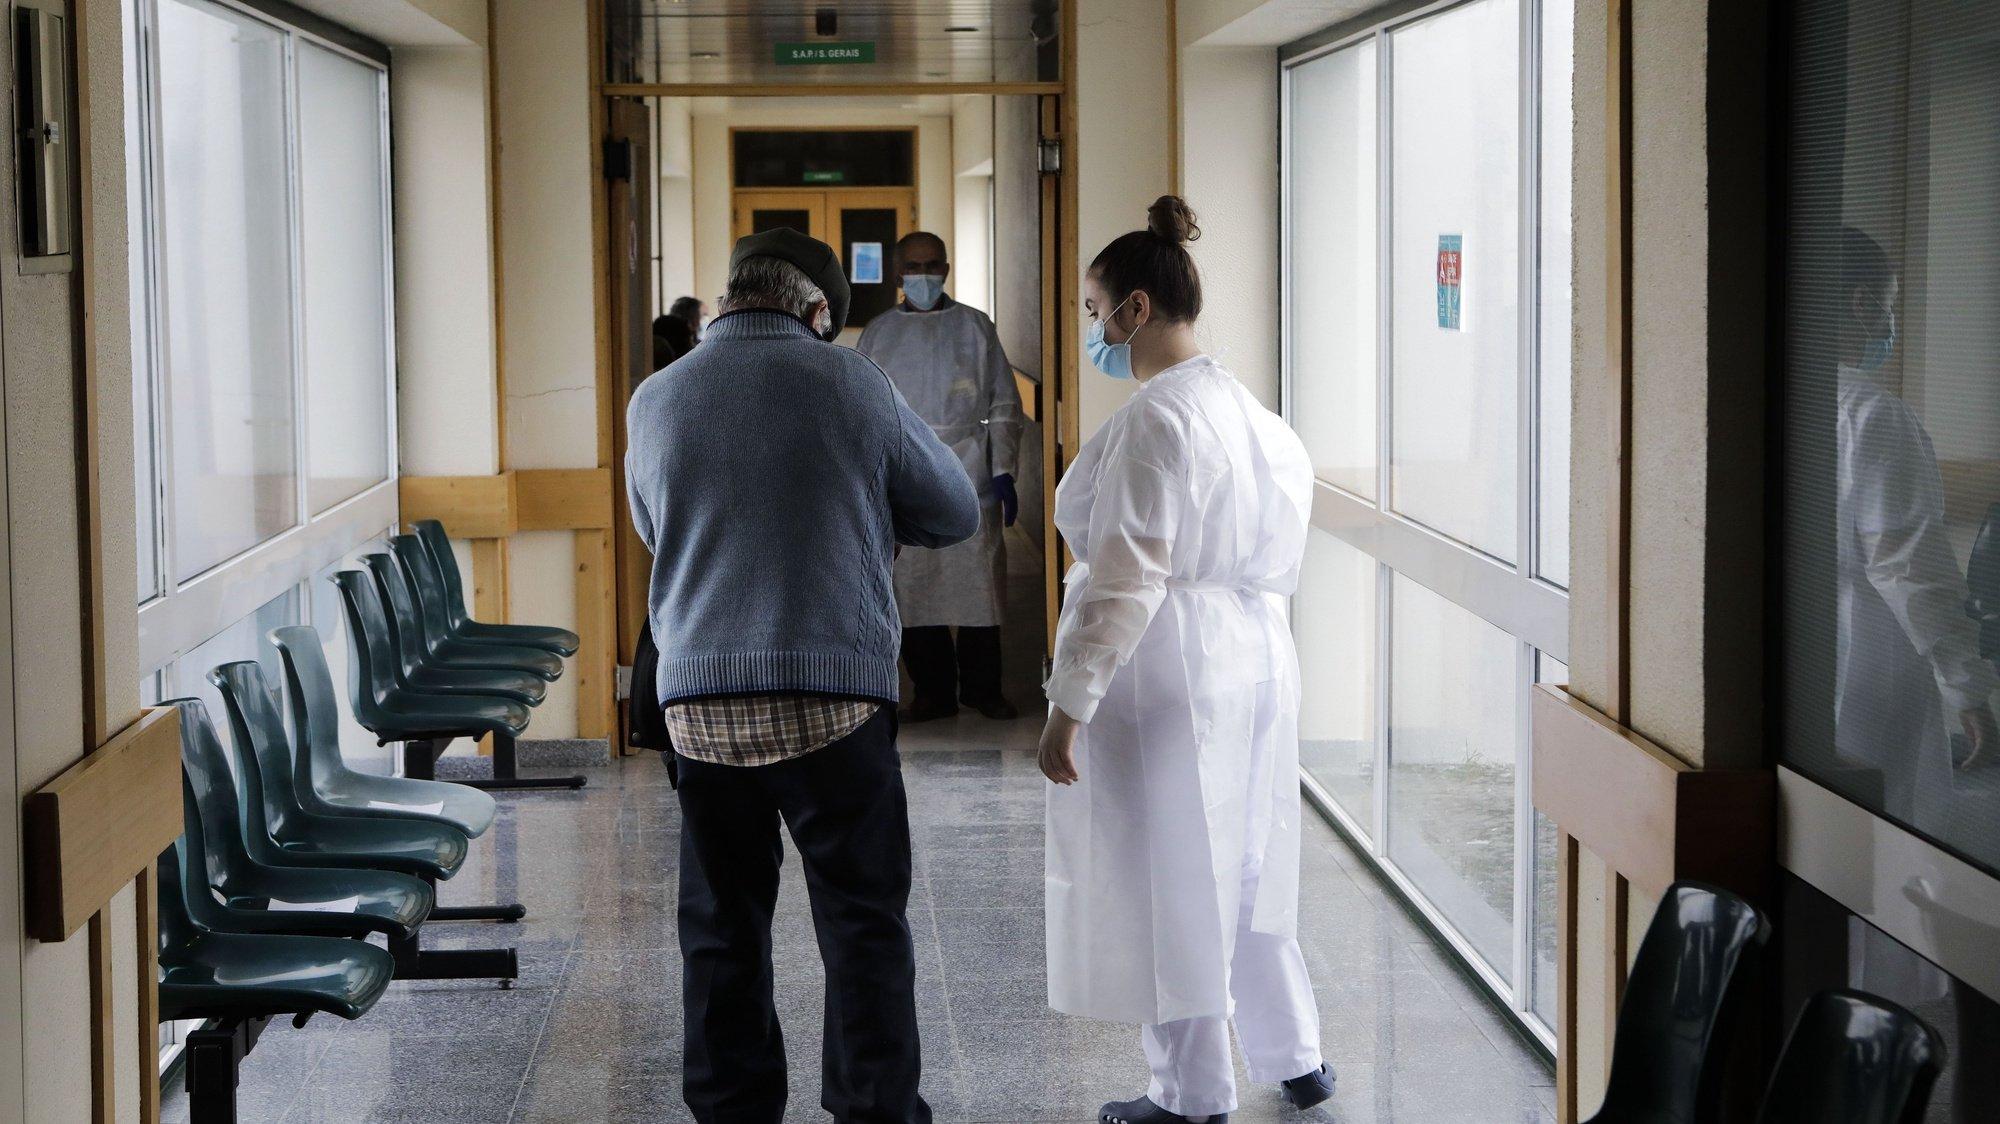 """Um idoso é vacinado contra a covid-19 por um profissional de saúde no Centro de Saúde de Fornos de Algodres, 12 de março de 2021. Idosos residentes em Penalva do Castelo, distrito de Viseu, e Fornos de Algodres, distrito da Guarda, encaram a vacinação como forma de combater a """"guerra"""" que o mundo trava contra a covid-19. (ACOMPANHA TEXTO DA LUSA DO DIA 27 DE MARÇO DE 2021). MIGUEL PEREIRA DA SILVA/LUSA"""